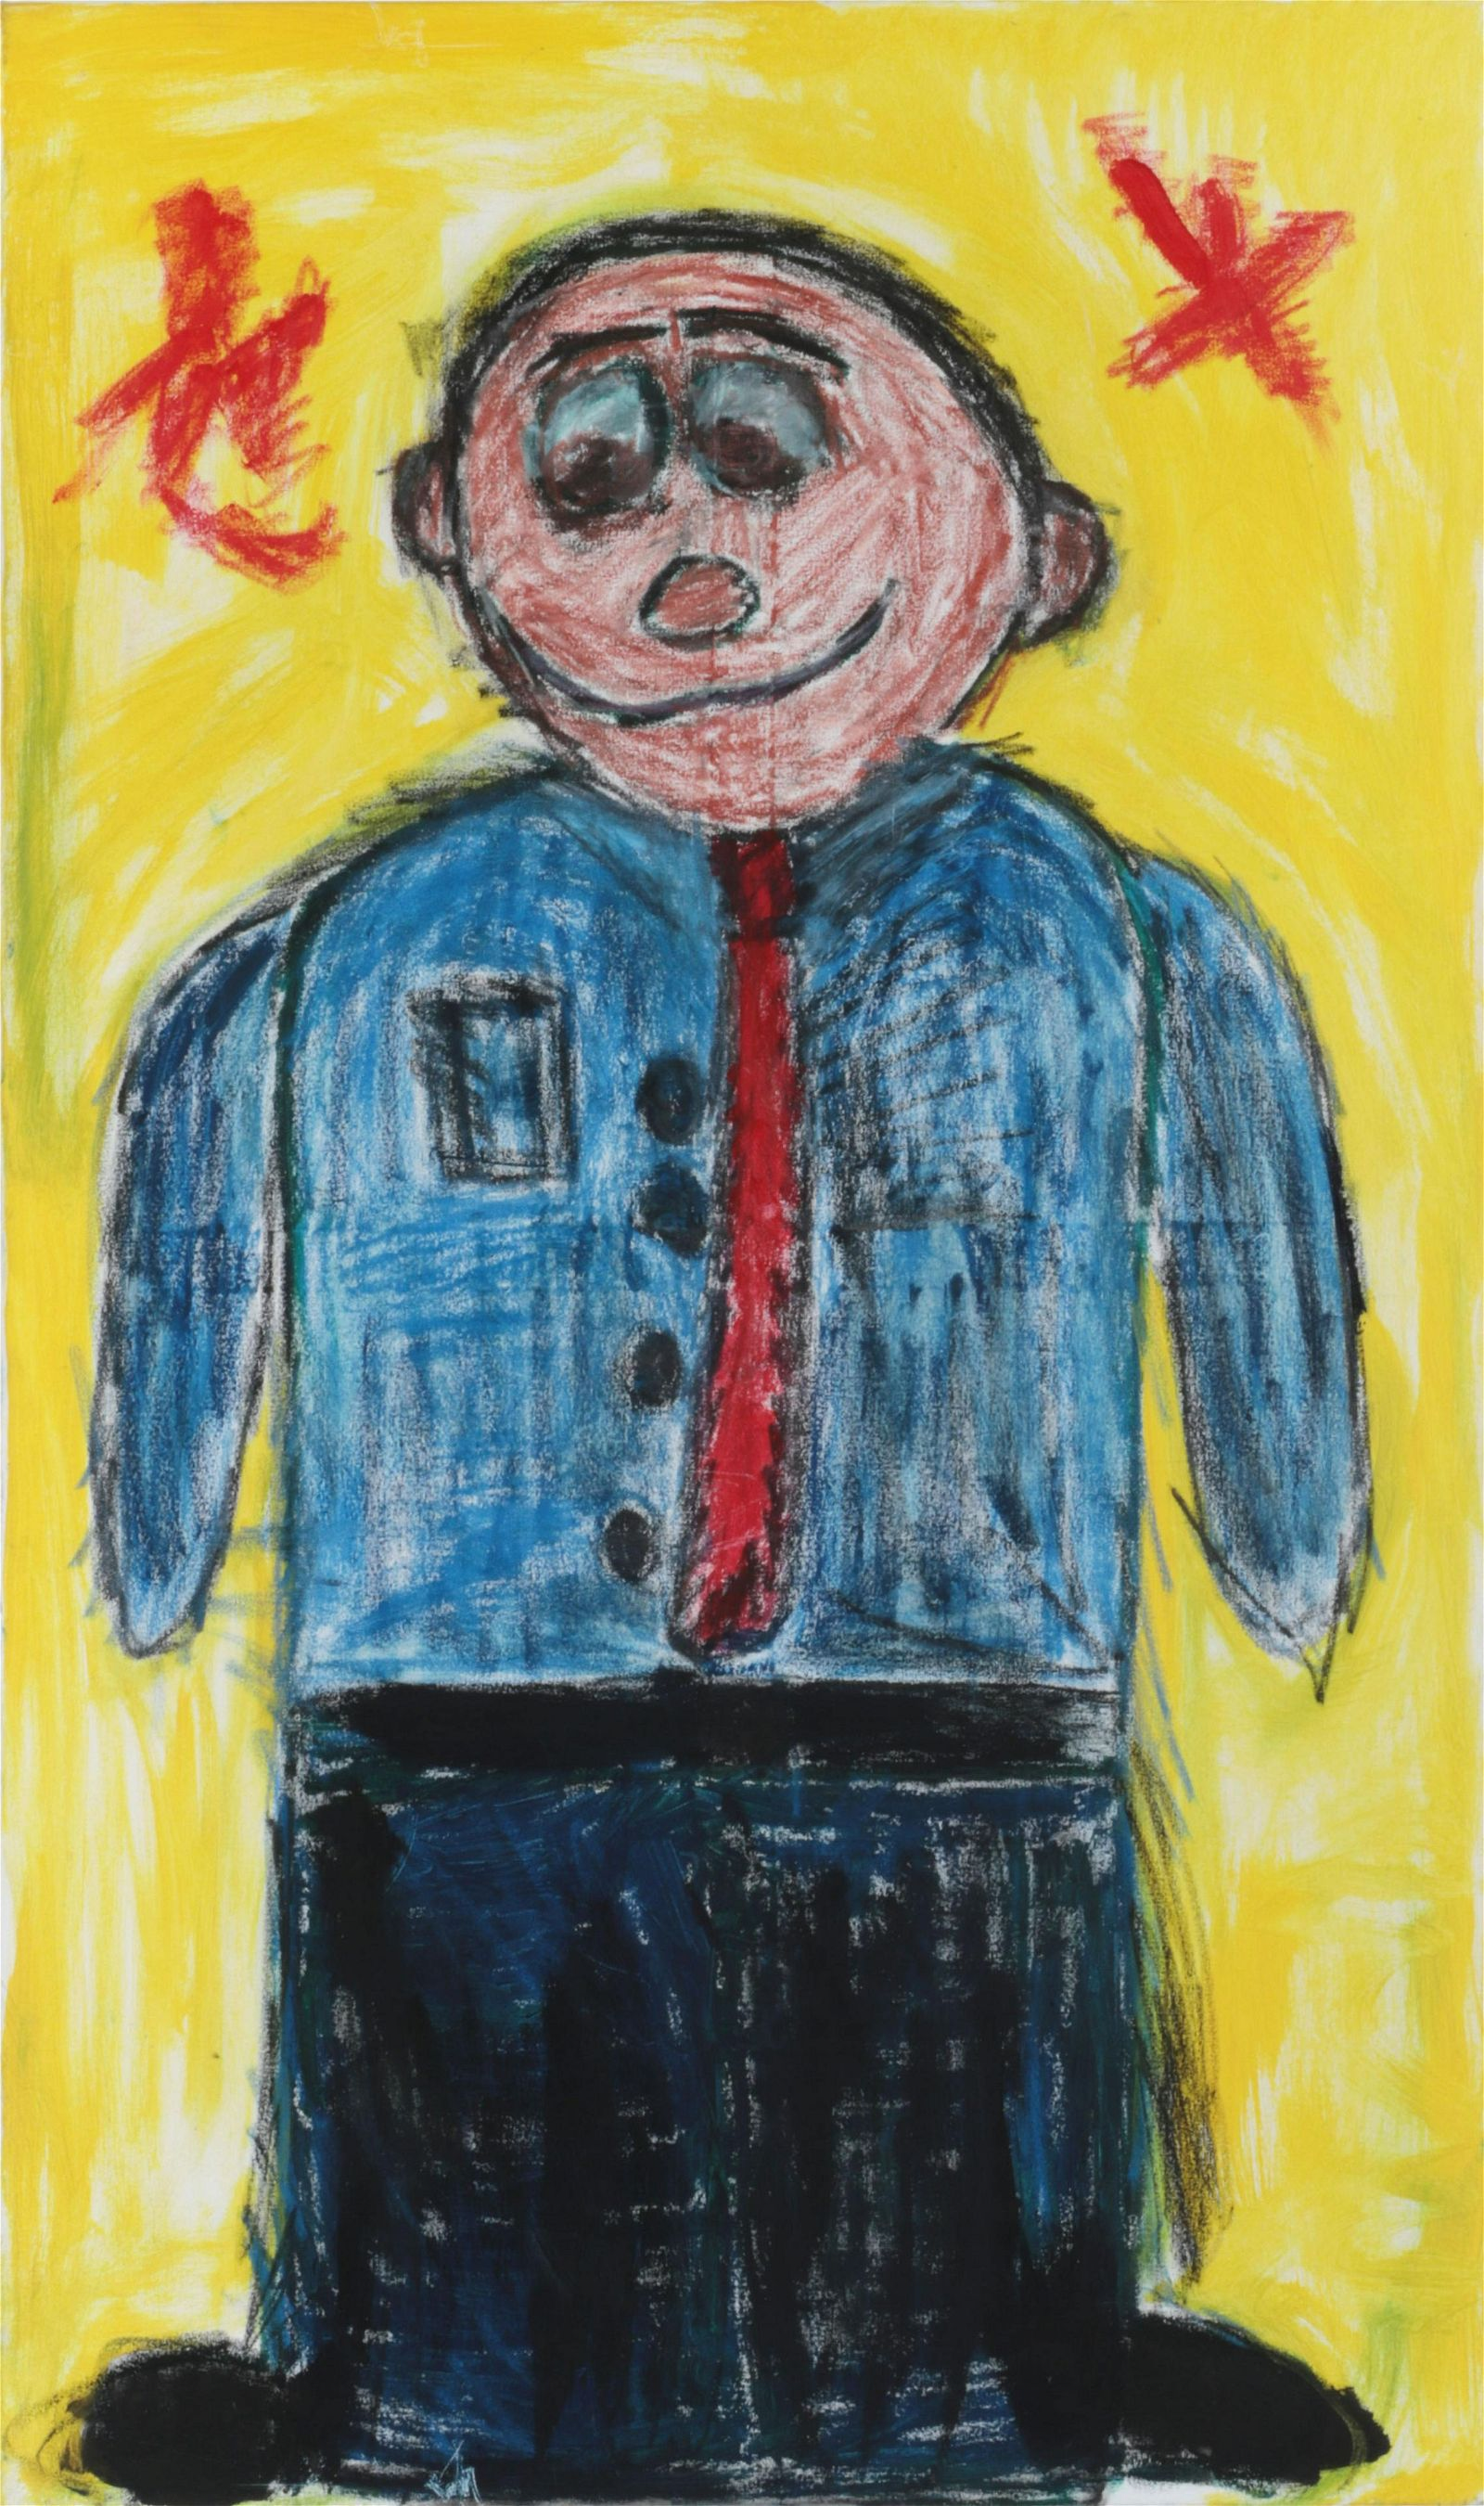 WALTER MIKA (American, b. 1961)